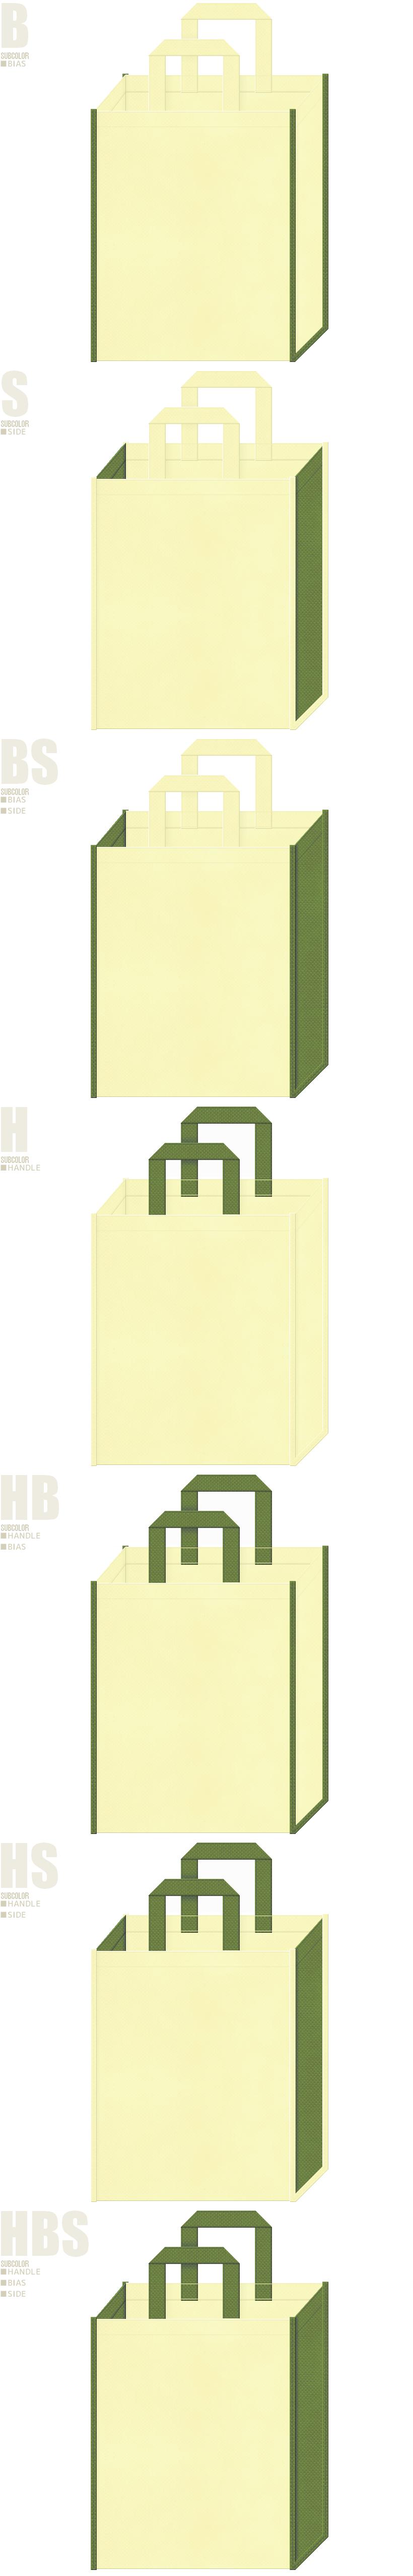 和風柄・和菓子・お月見・和風催事にお奨めの不織布バッグデザイン:薄黄色と草色の配色7パターン。